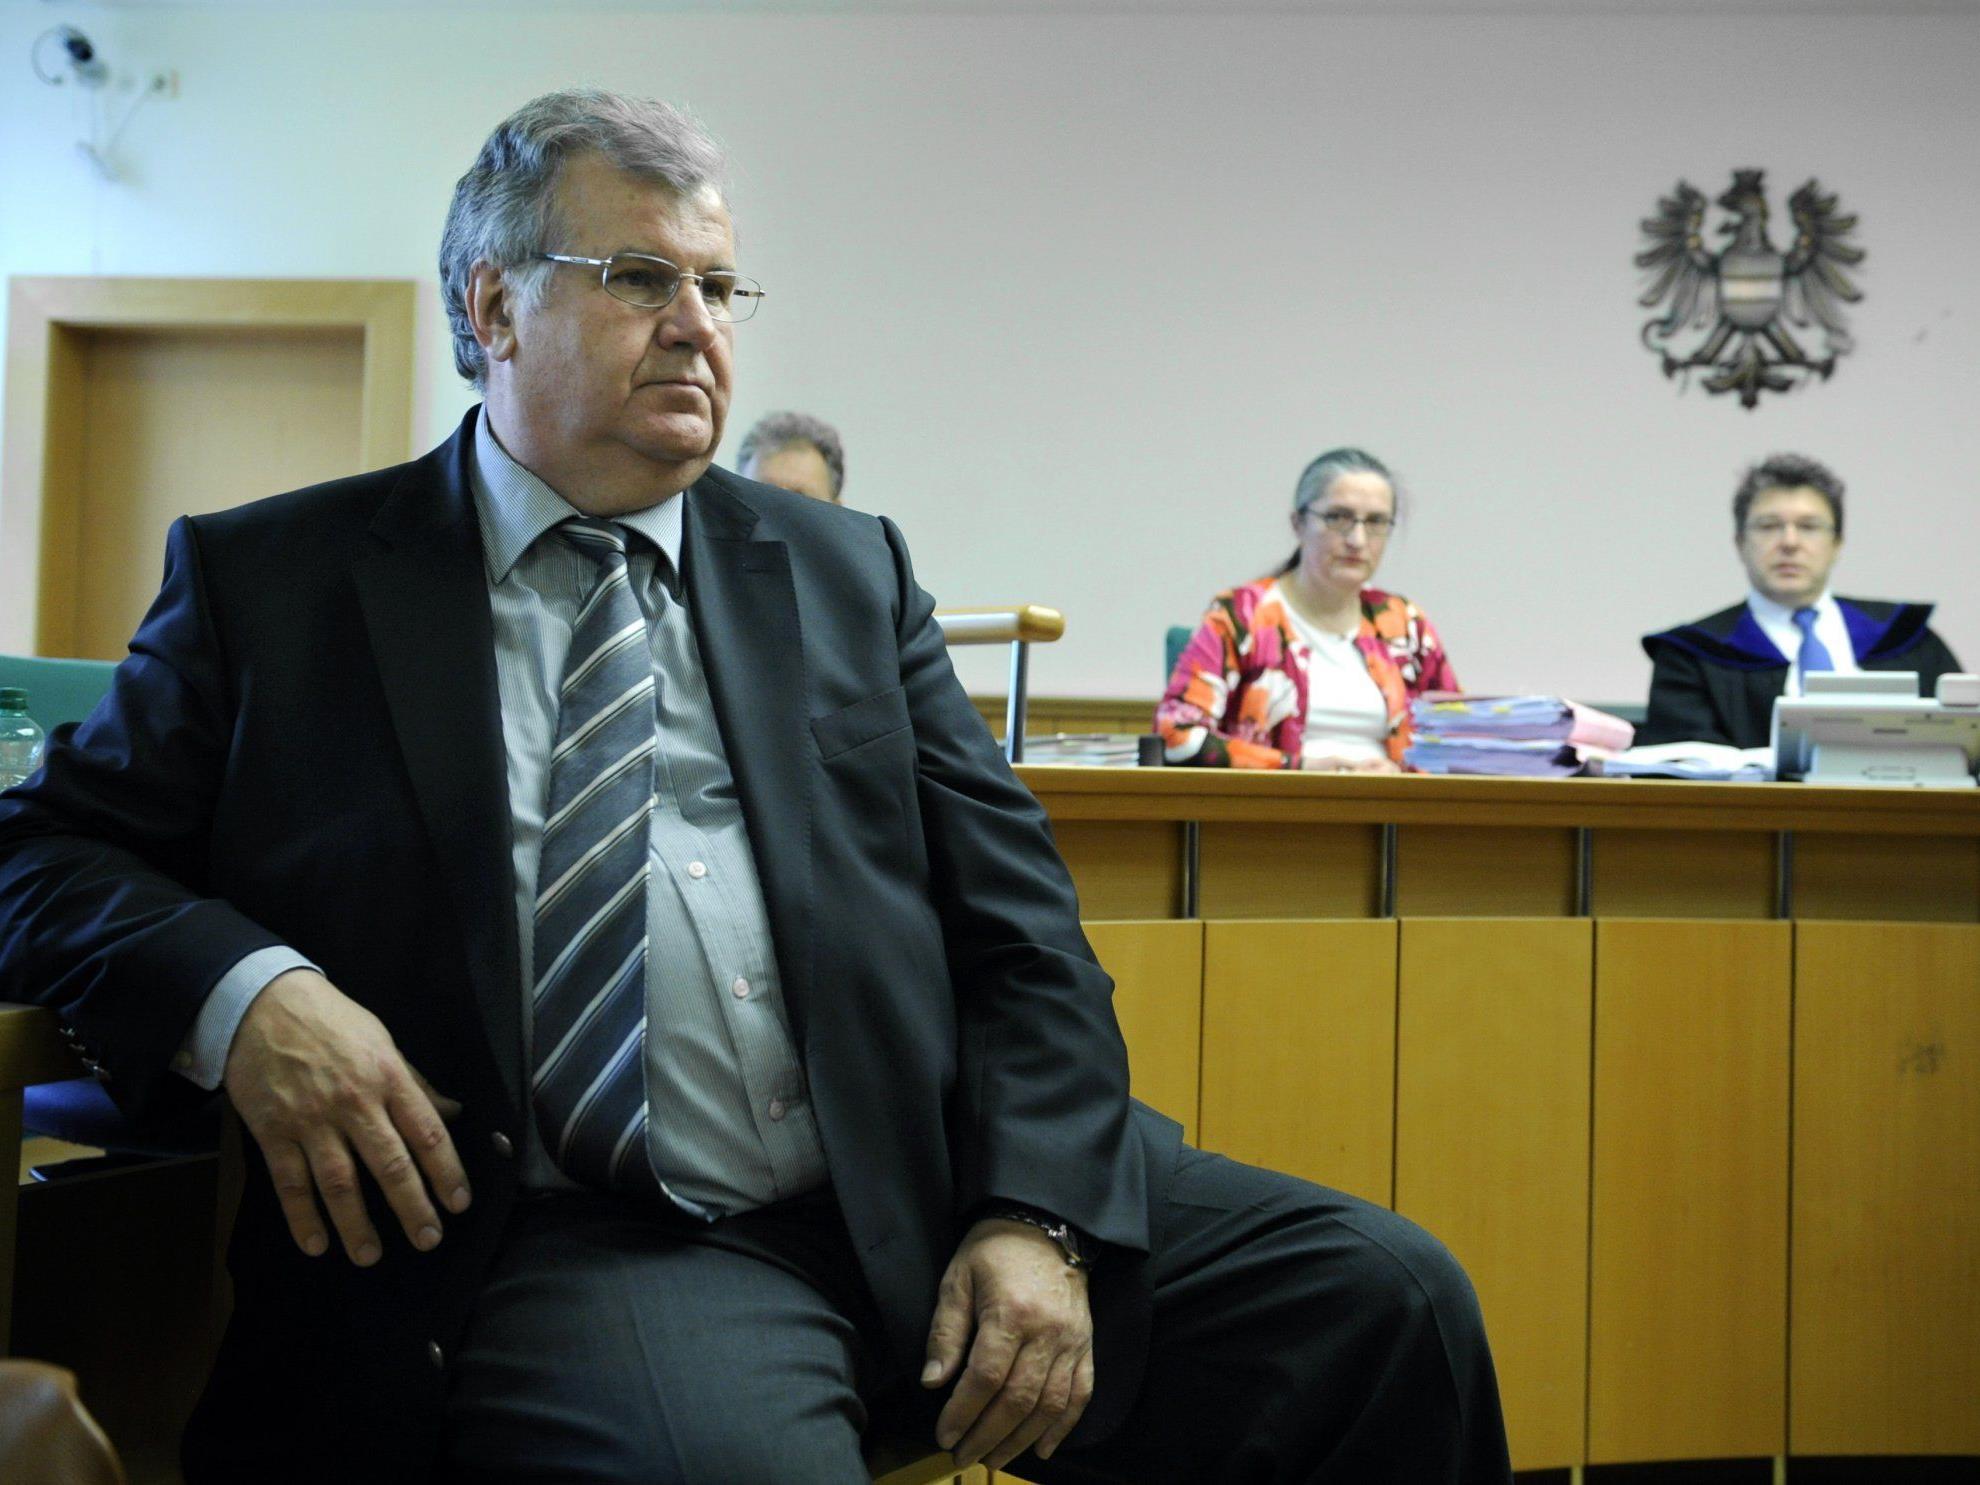 Der langjährige Generalsekretär des Österreichischen Olympischen Komitees (ÖOC), Heinz Jungwirth muss sich seit Montag vor Gericht verantworten.